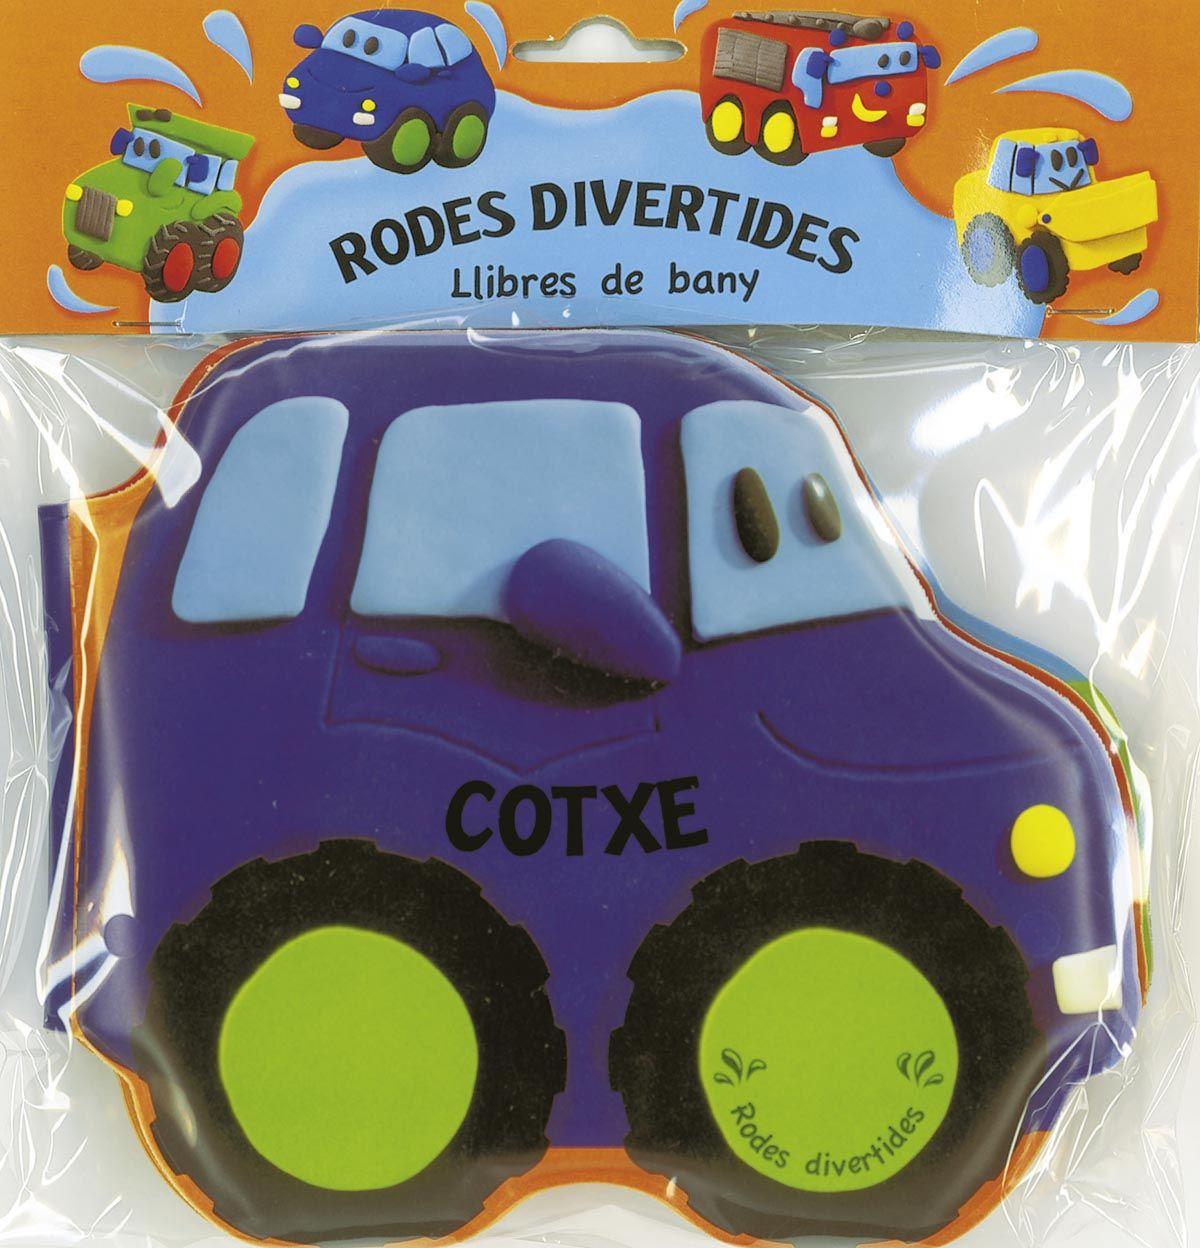 COTXE (RODES DIVERTIDES)